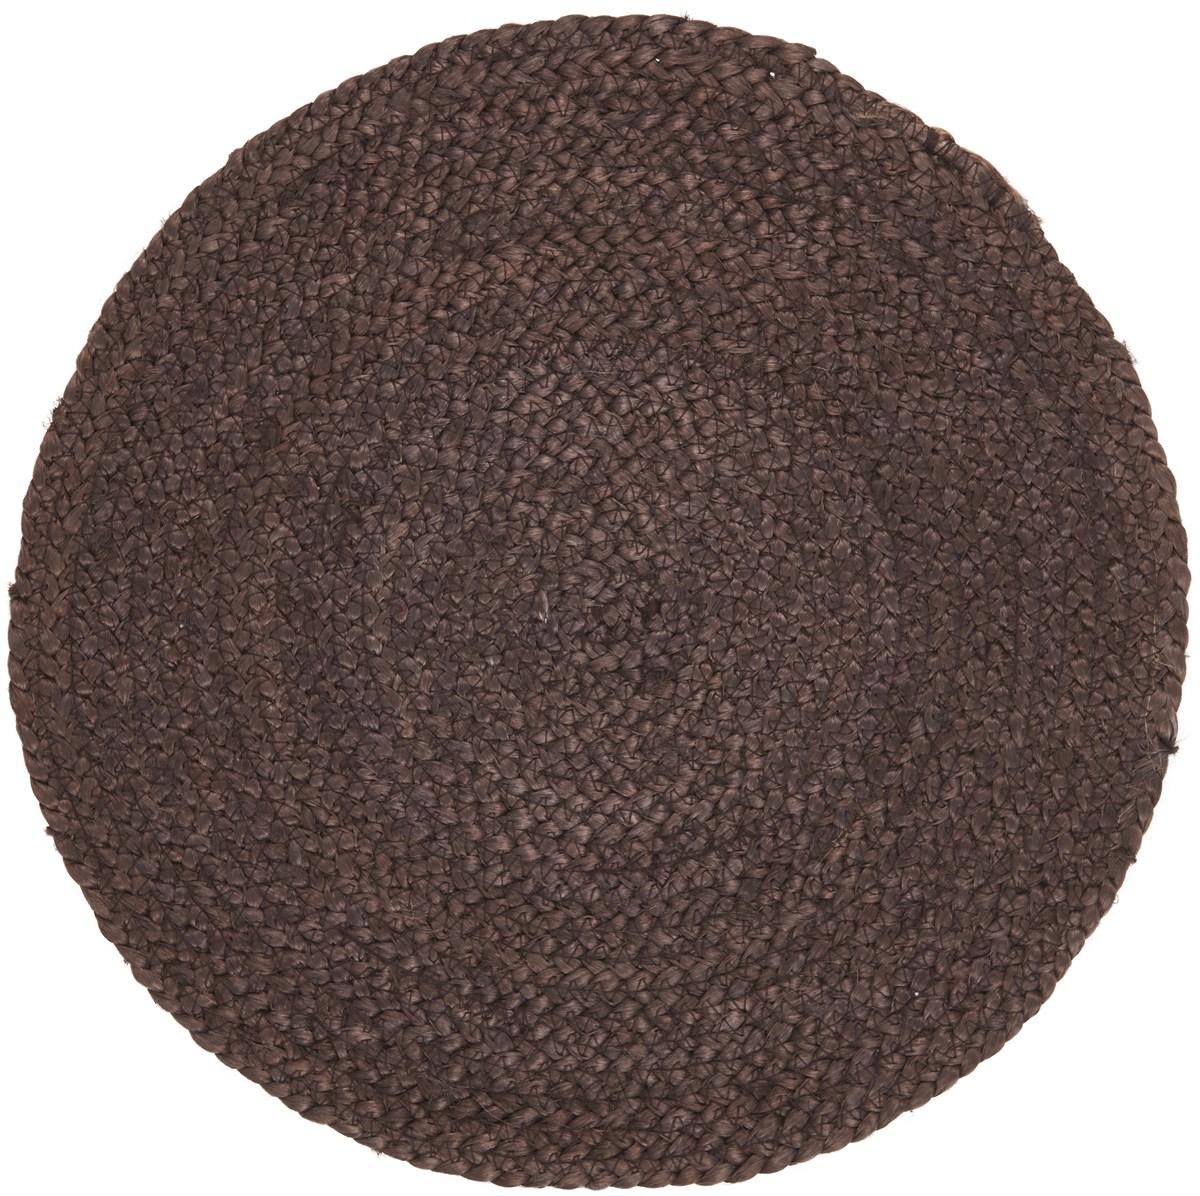 Billede af IB LAURSEN Dækkeserviet mørkebrun jute